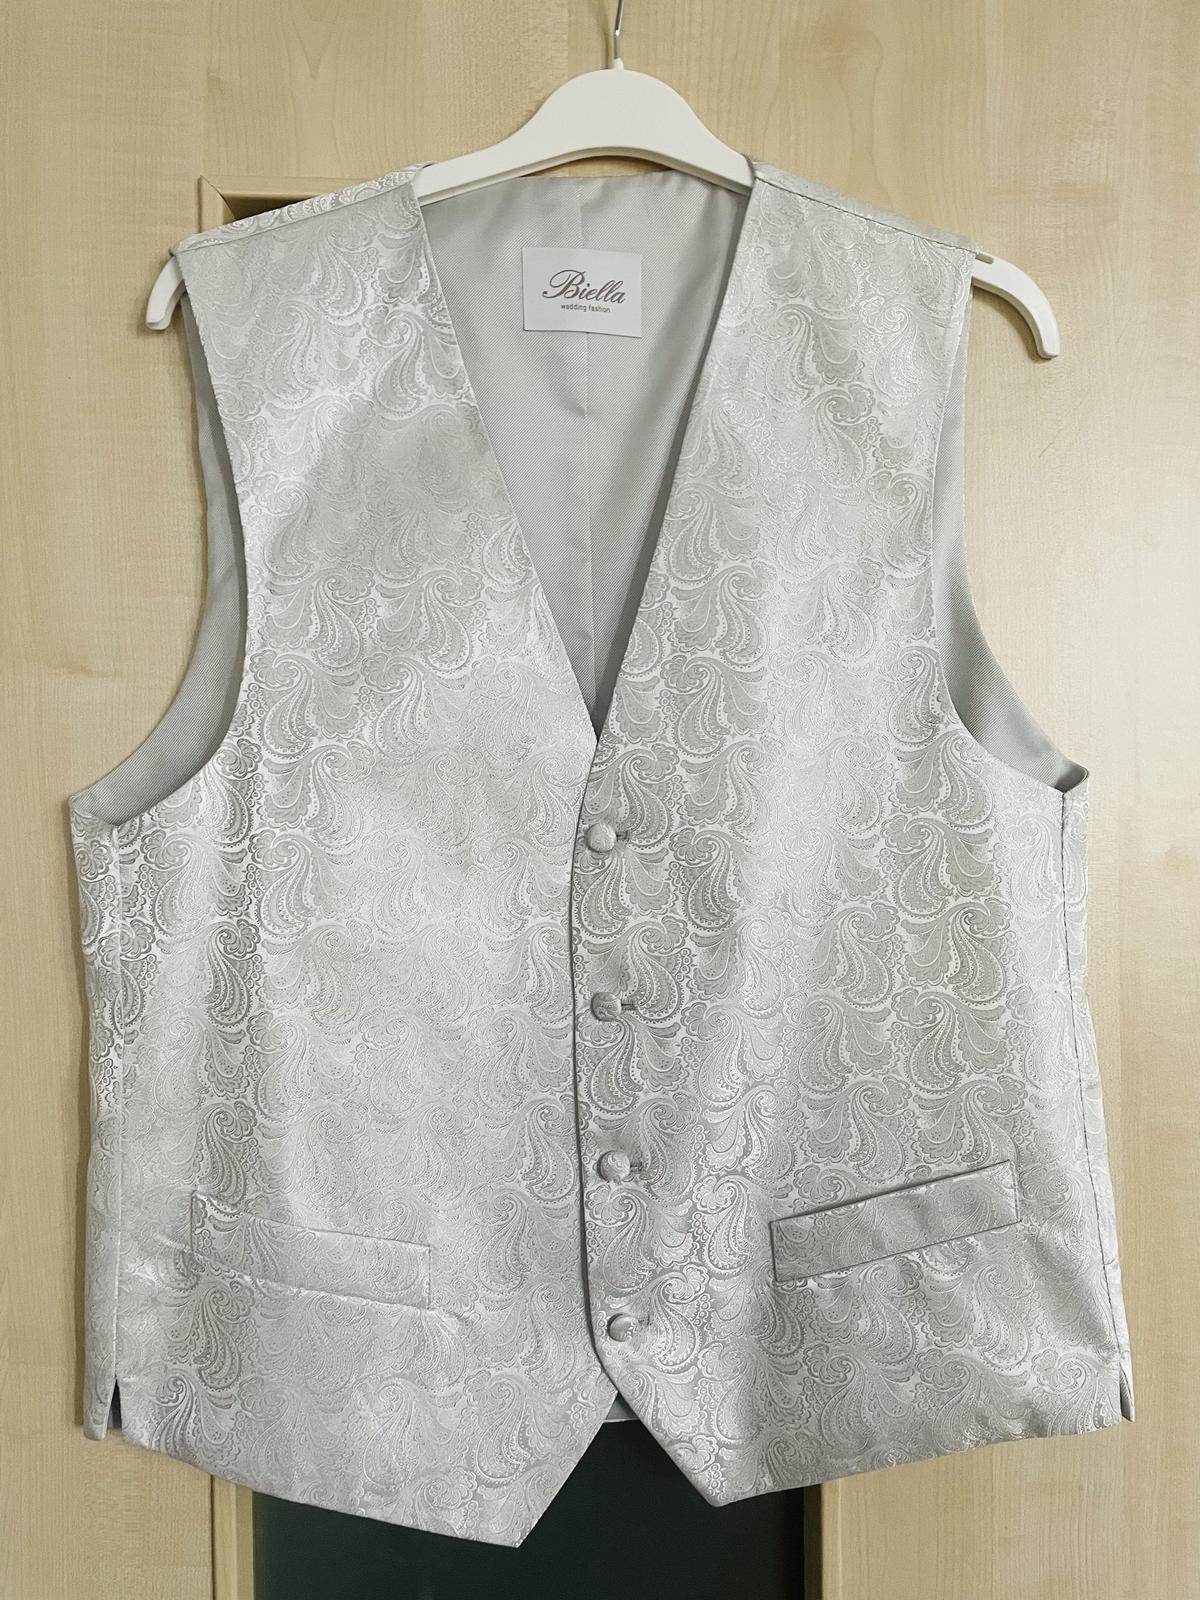 Svatební luxusní vesta + kravata a kapesníček, PC: 150€, vel.52 - Obrázek č. 1